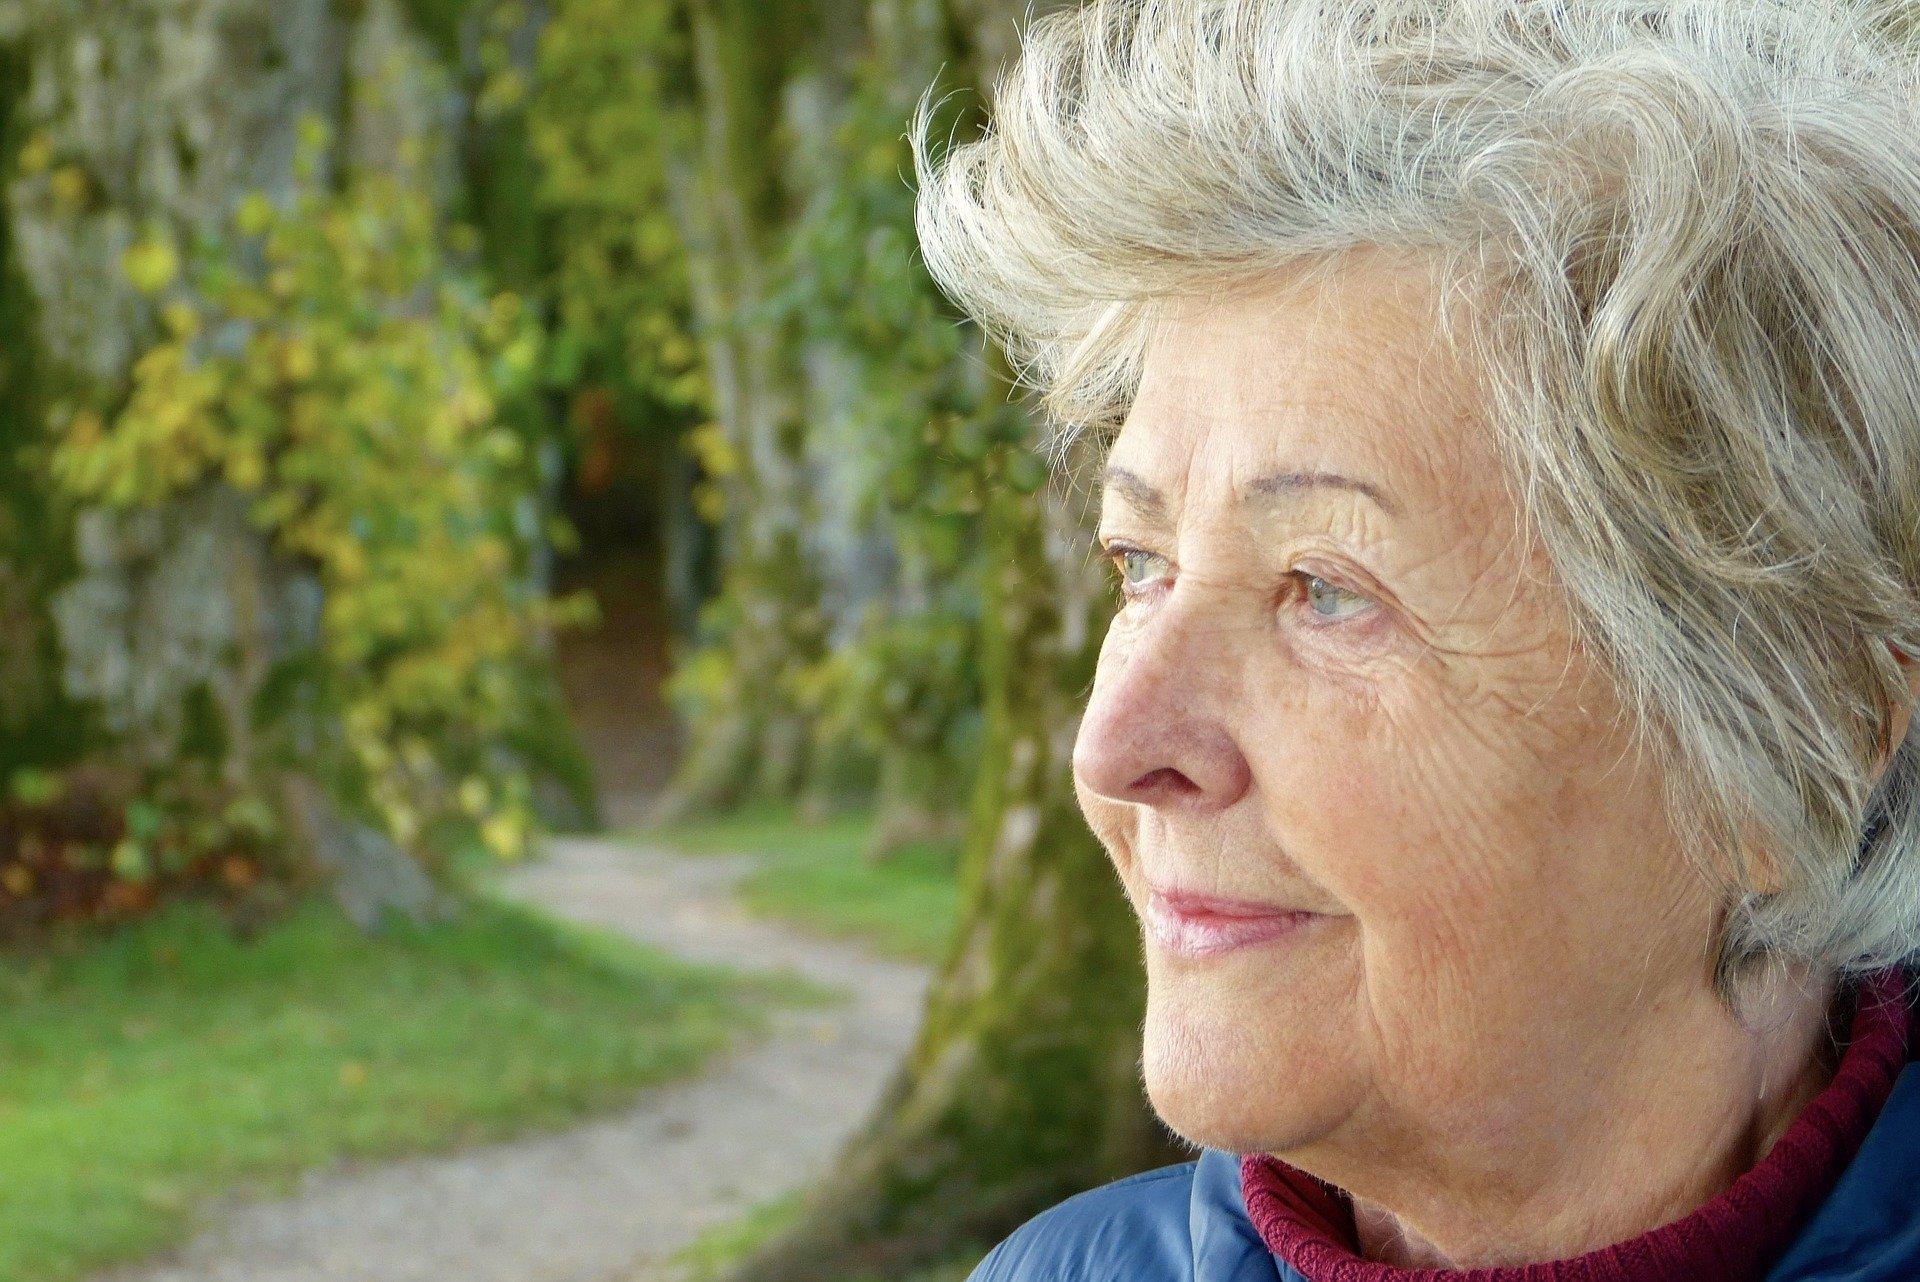 CBD gegen Demenz – kann Hanf die kognitiven Fähigkeiten unterstützen?